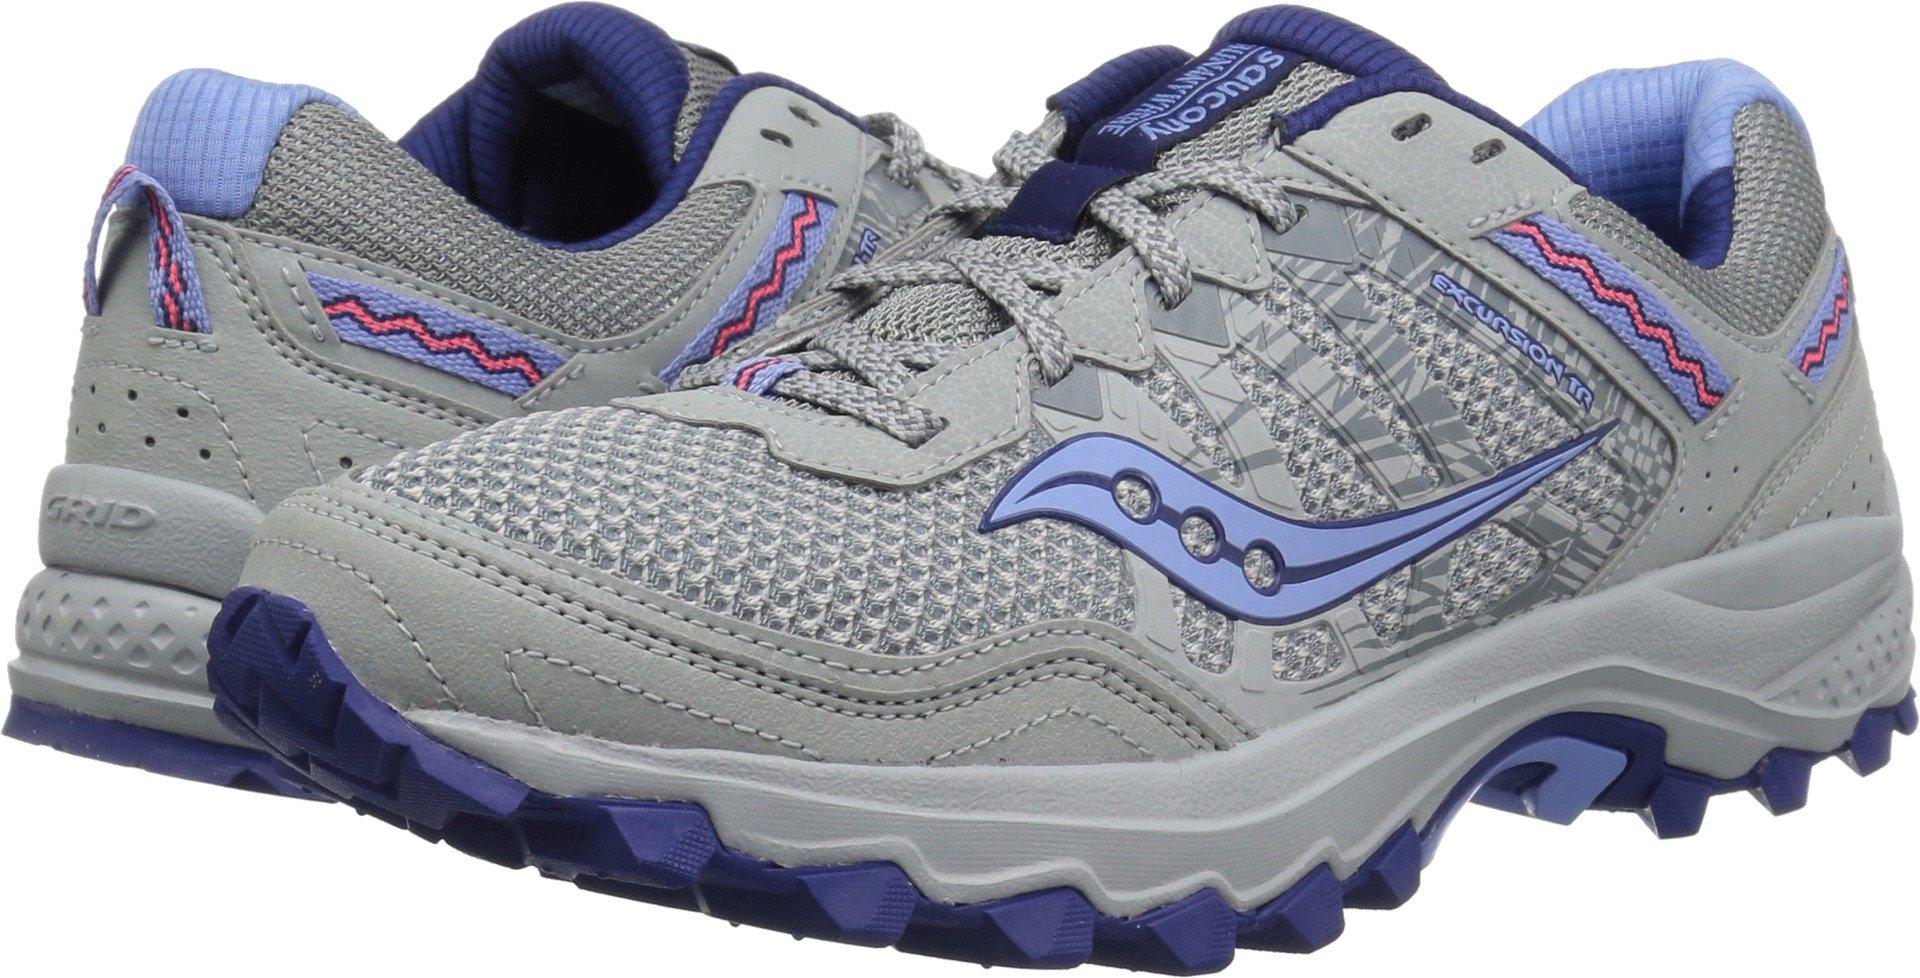 Saucony Women's Excursion TR12 Sneaker, Grey/Blue, 8.5 M US